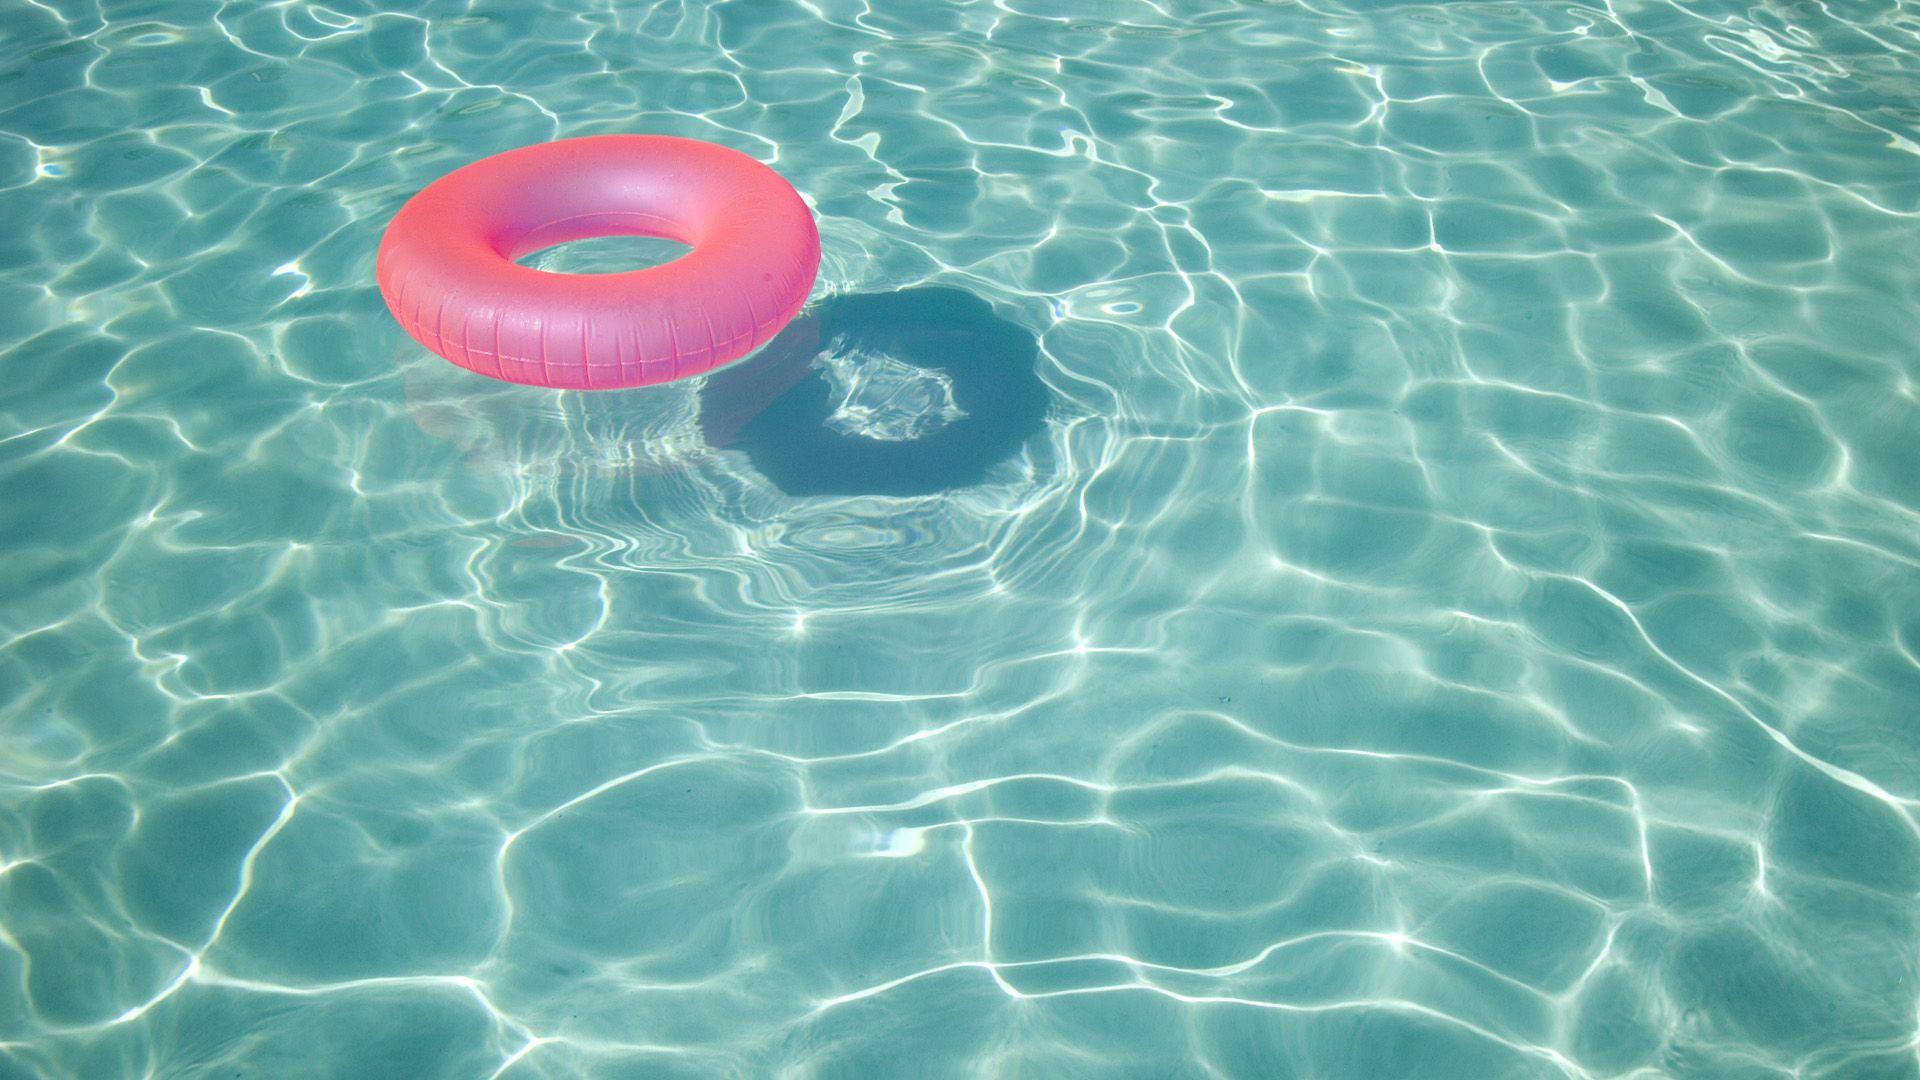 summer pictures for desktop Summer Desktop Wallpaper MacBook 1920x1080